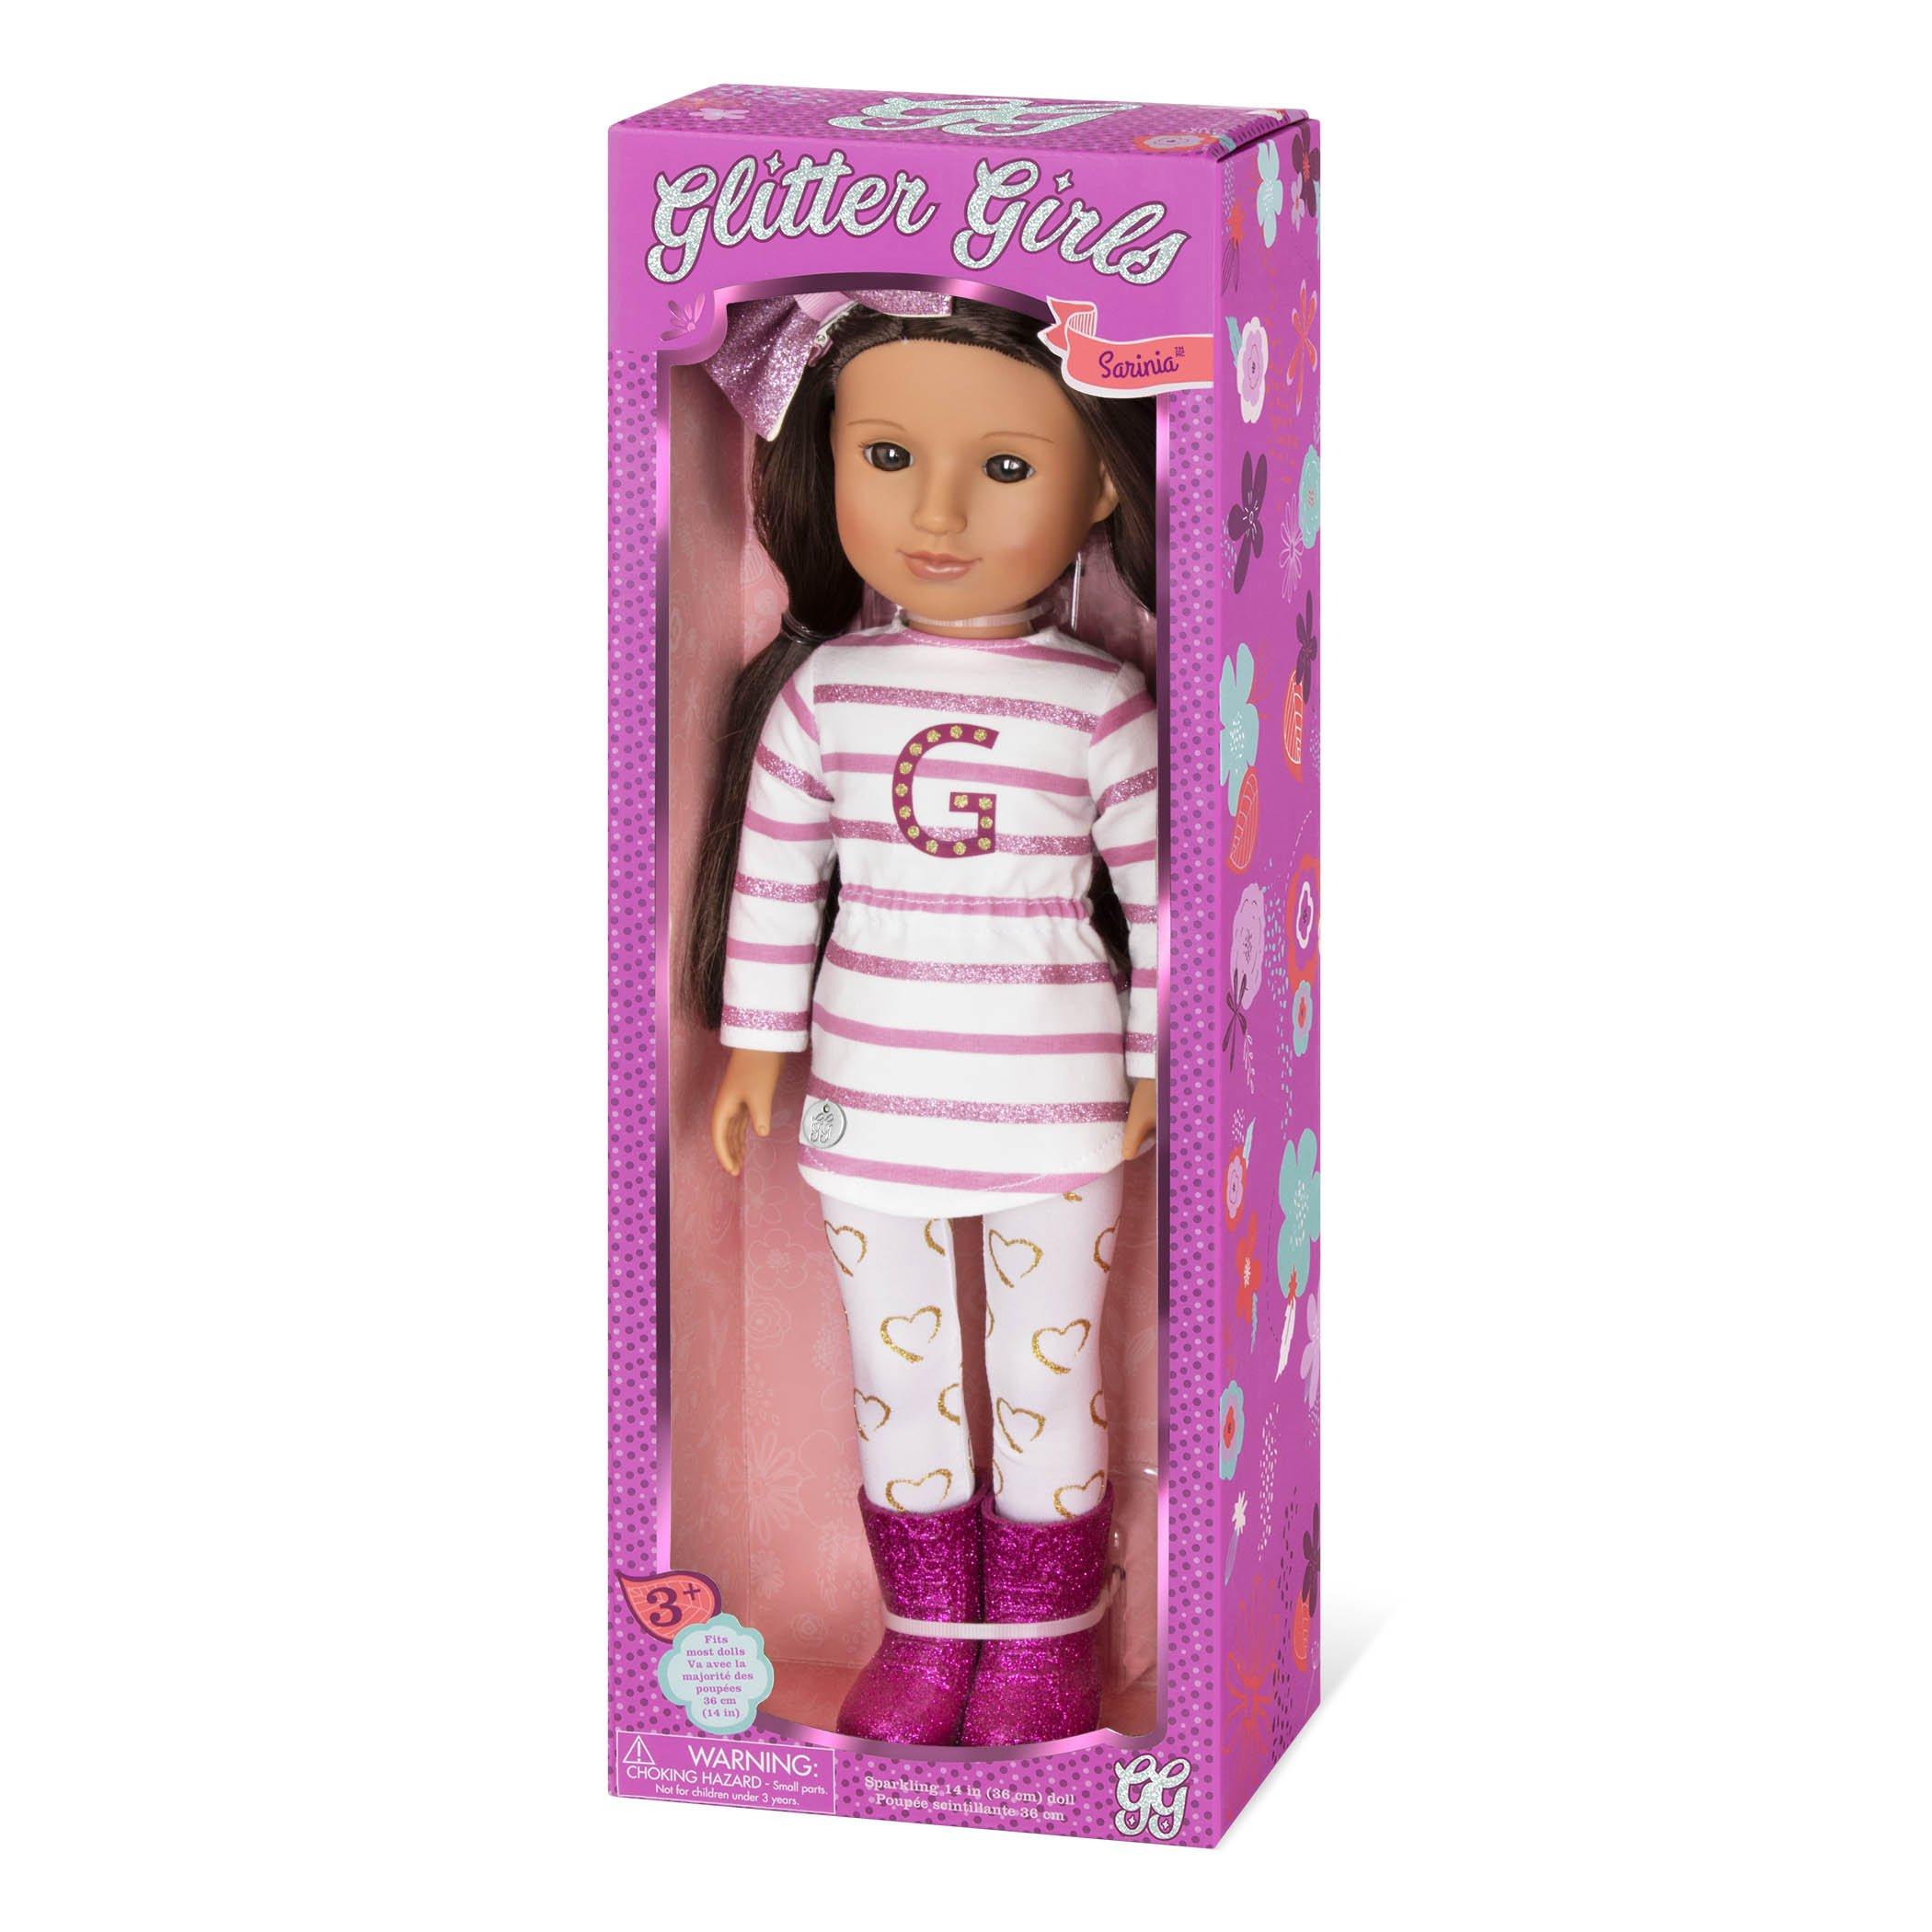 Glitter Girls by Battat Sarinia 14 inch Fashion Doll ...